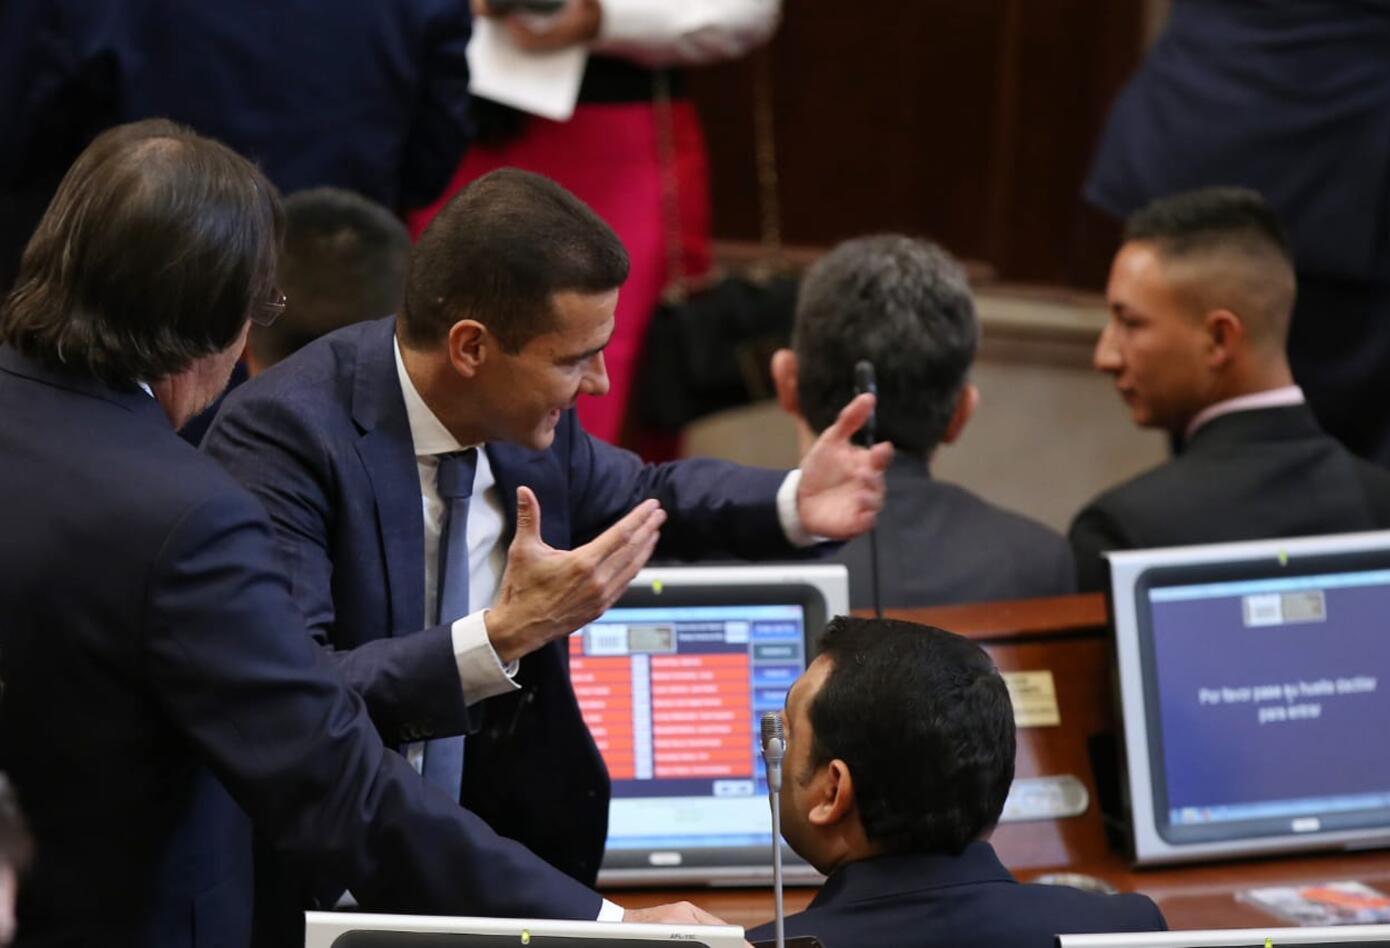 Carlos Cuenta, nuevo presidente de la Cámara, en las pasadas elecciones obtuvo un poco más de 2.600 votos para poder llegar a la corporación.